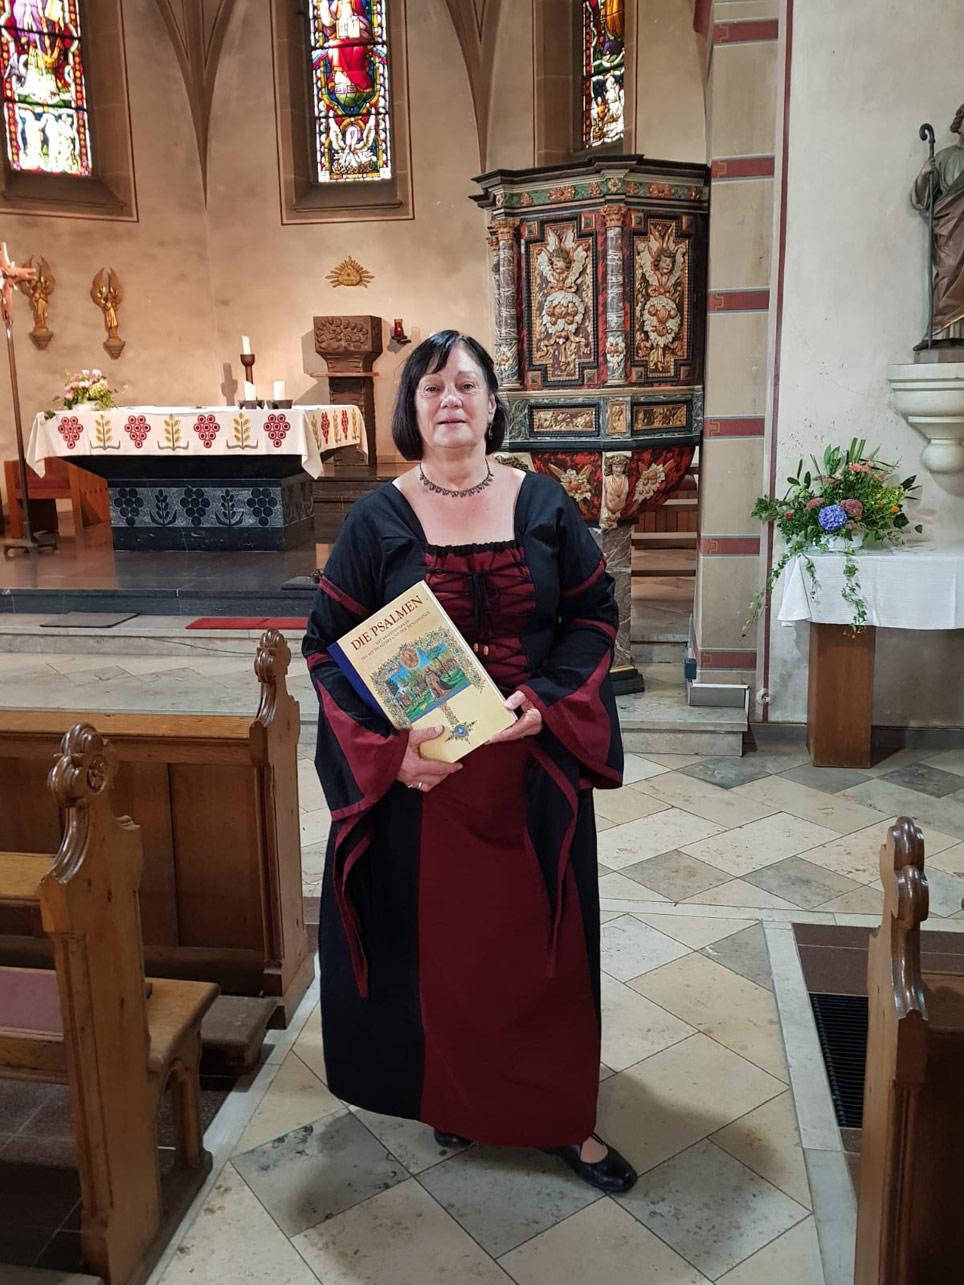 Kirchenführerin Anne Schultze aus Lennestadt